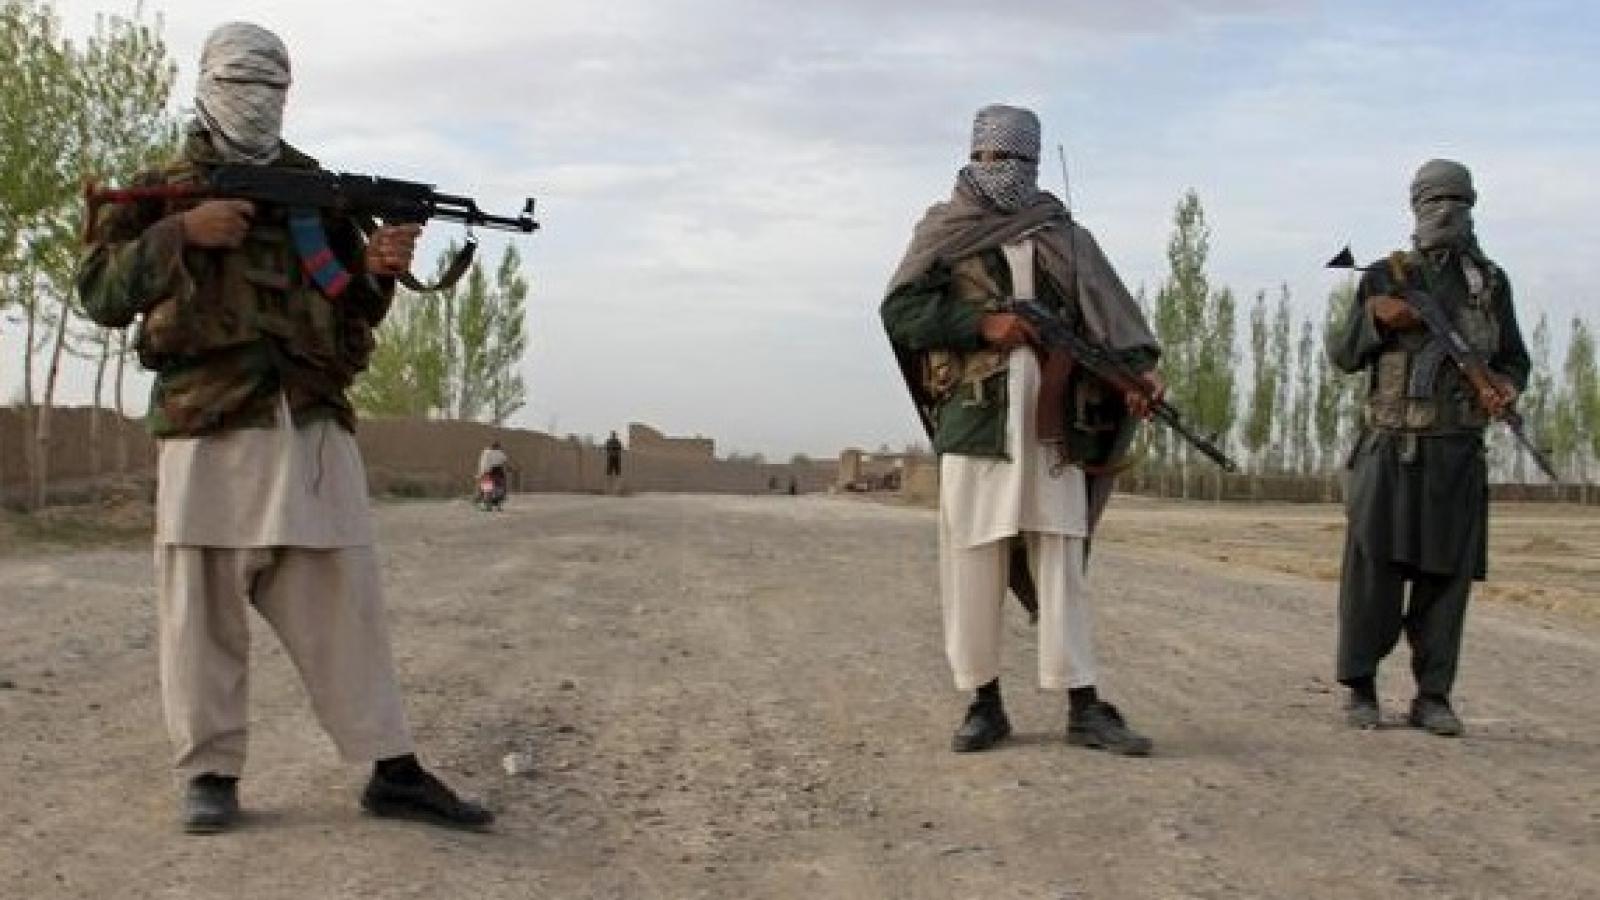 Taliban chiếm quyền kiểm soát cửa khẩu lớn nhất giữa Afghanistan và Iran